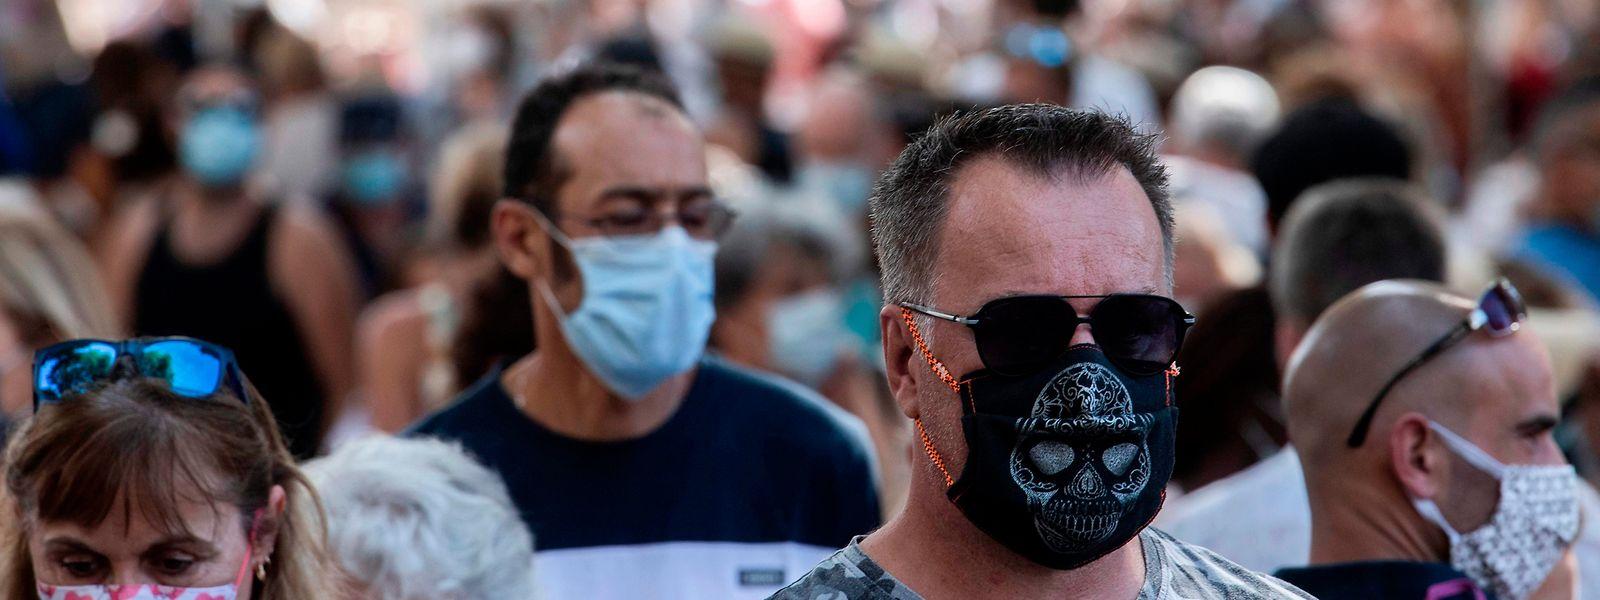 En France, l'obligation de port du masque s'étend progressivement à de plus larges périmètres dans de nombreuses localités